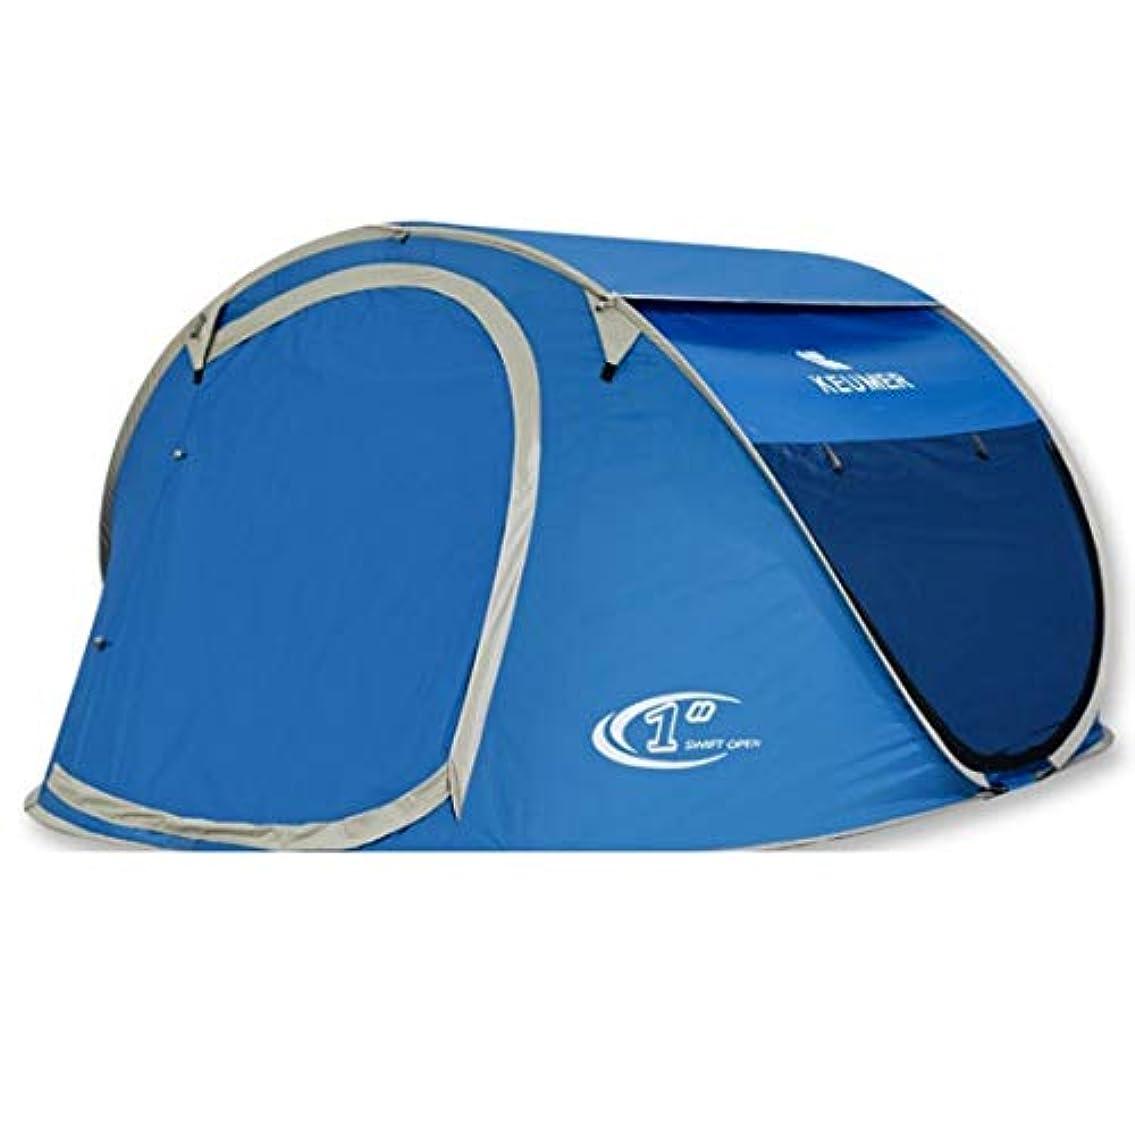 良心的ベース強度Nekovan 3-4人キャンプテント抗暴風雨テント自動ポップアップインスタントポップアップ屋外スポーツ用ブルー色 (色 : ダークブルー)